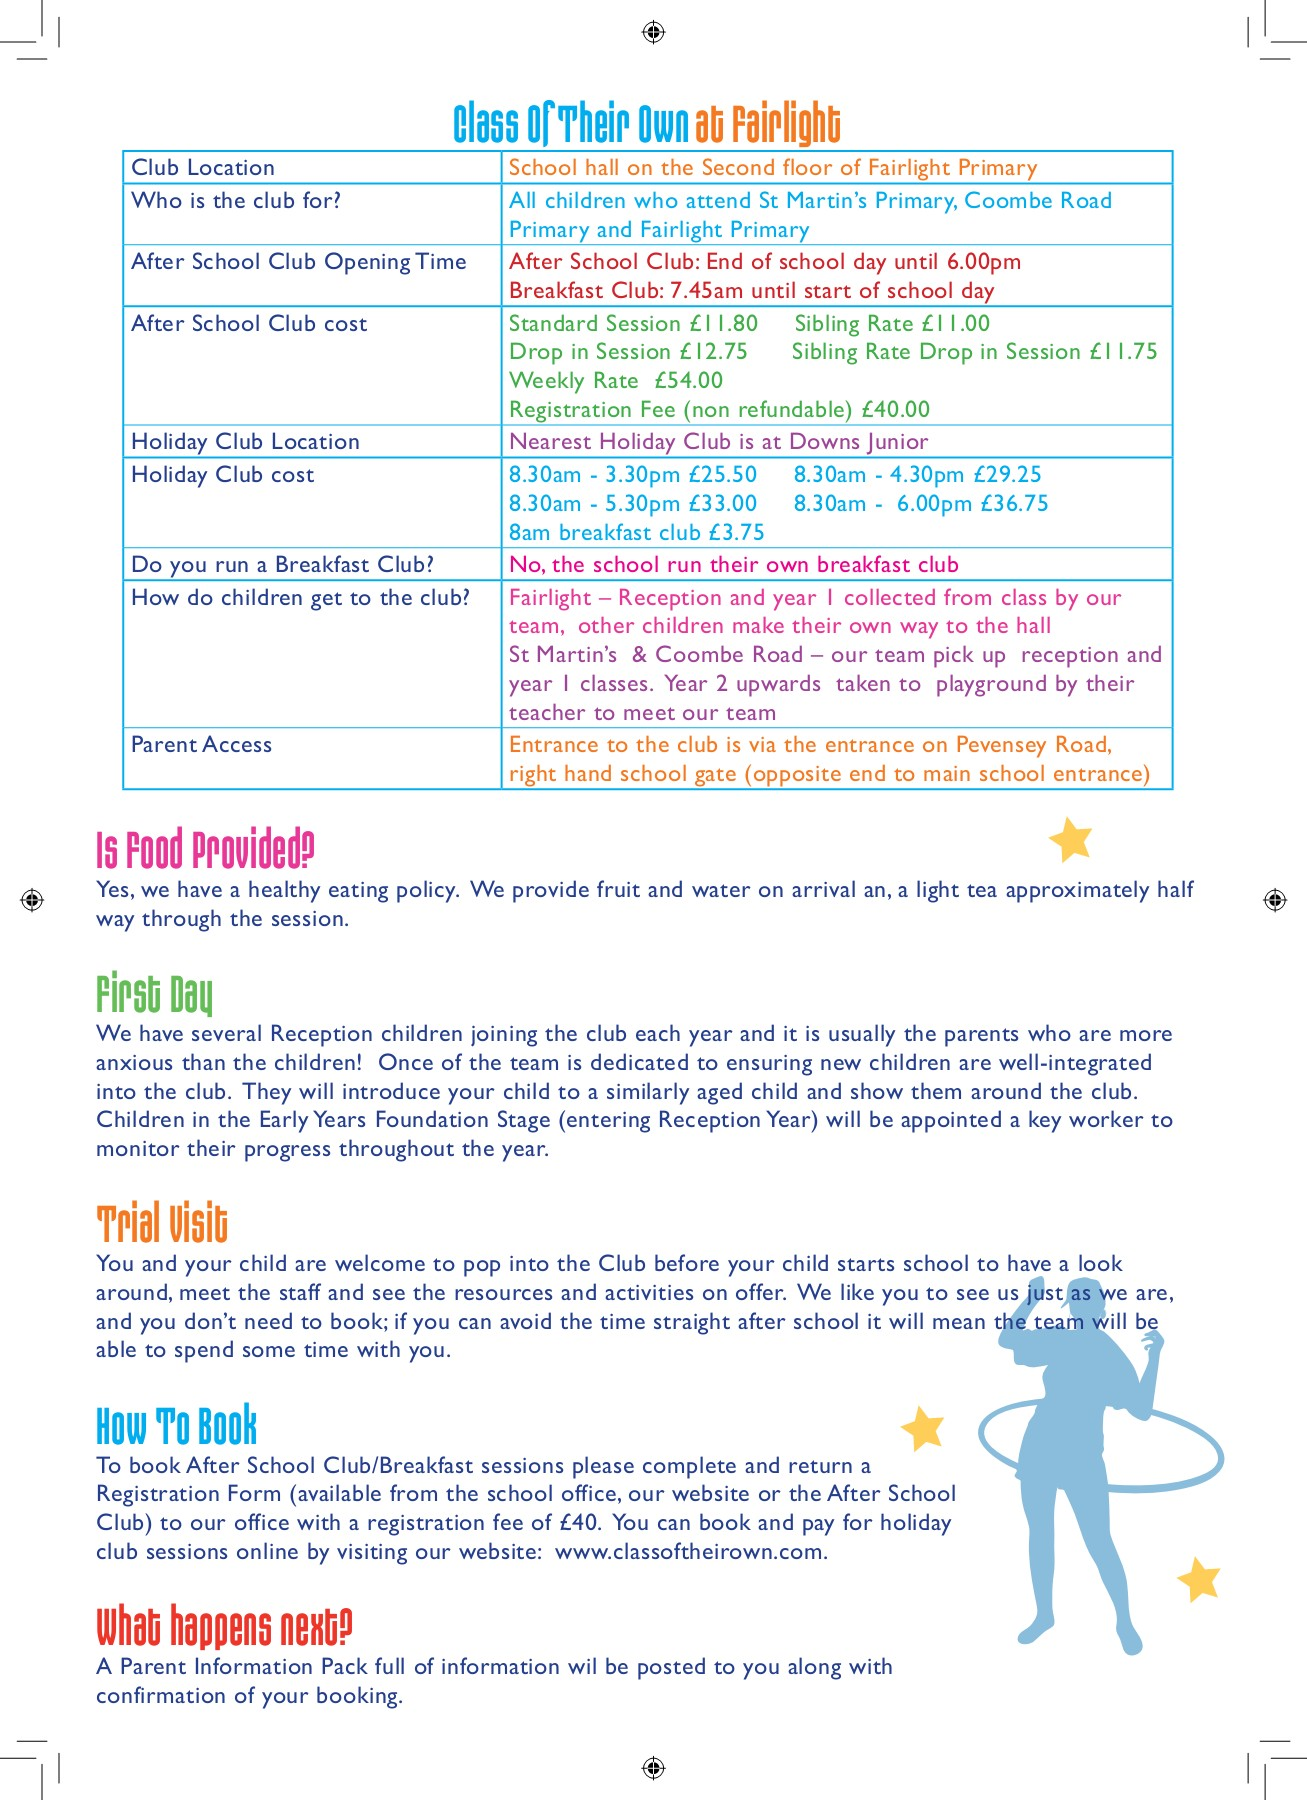 fairlight games website